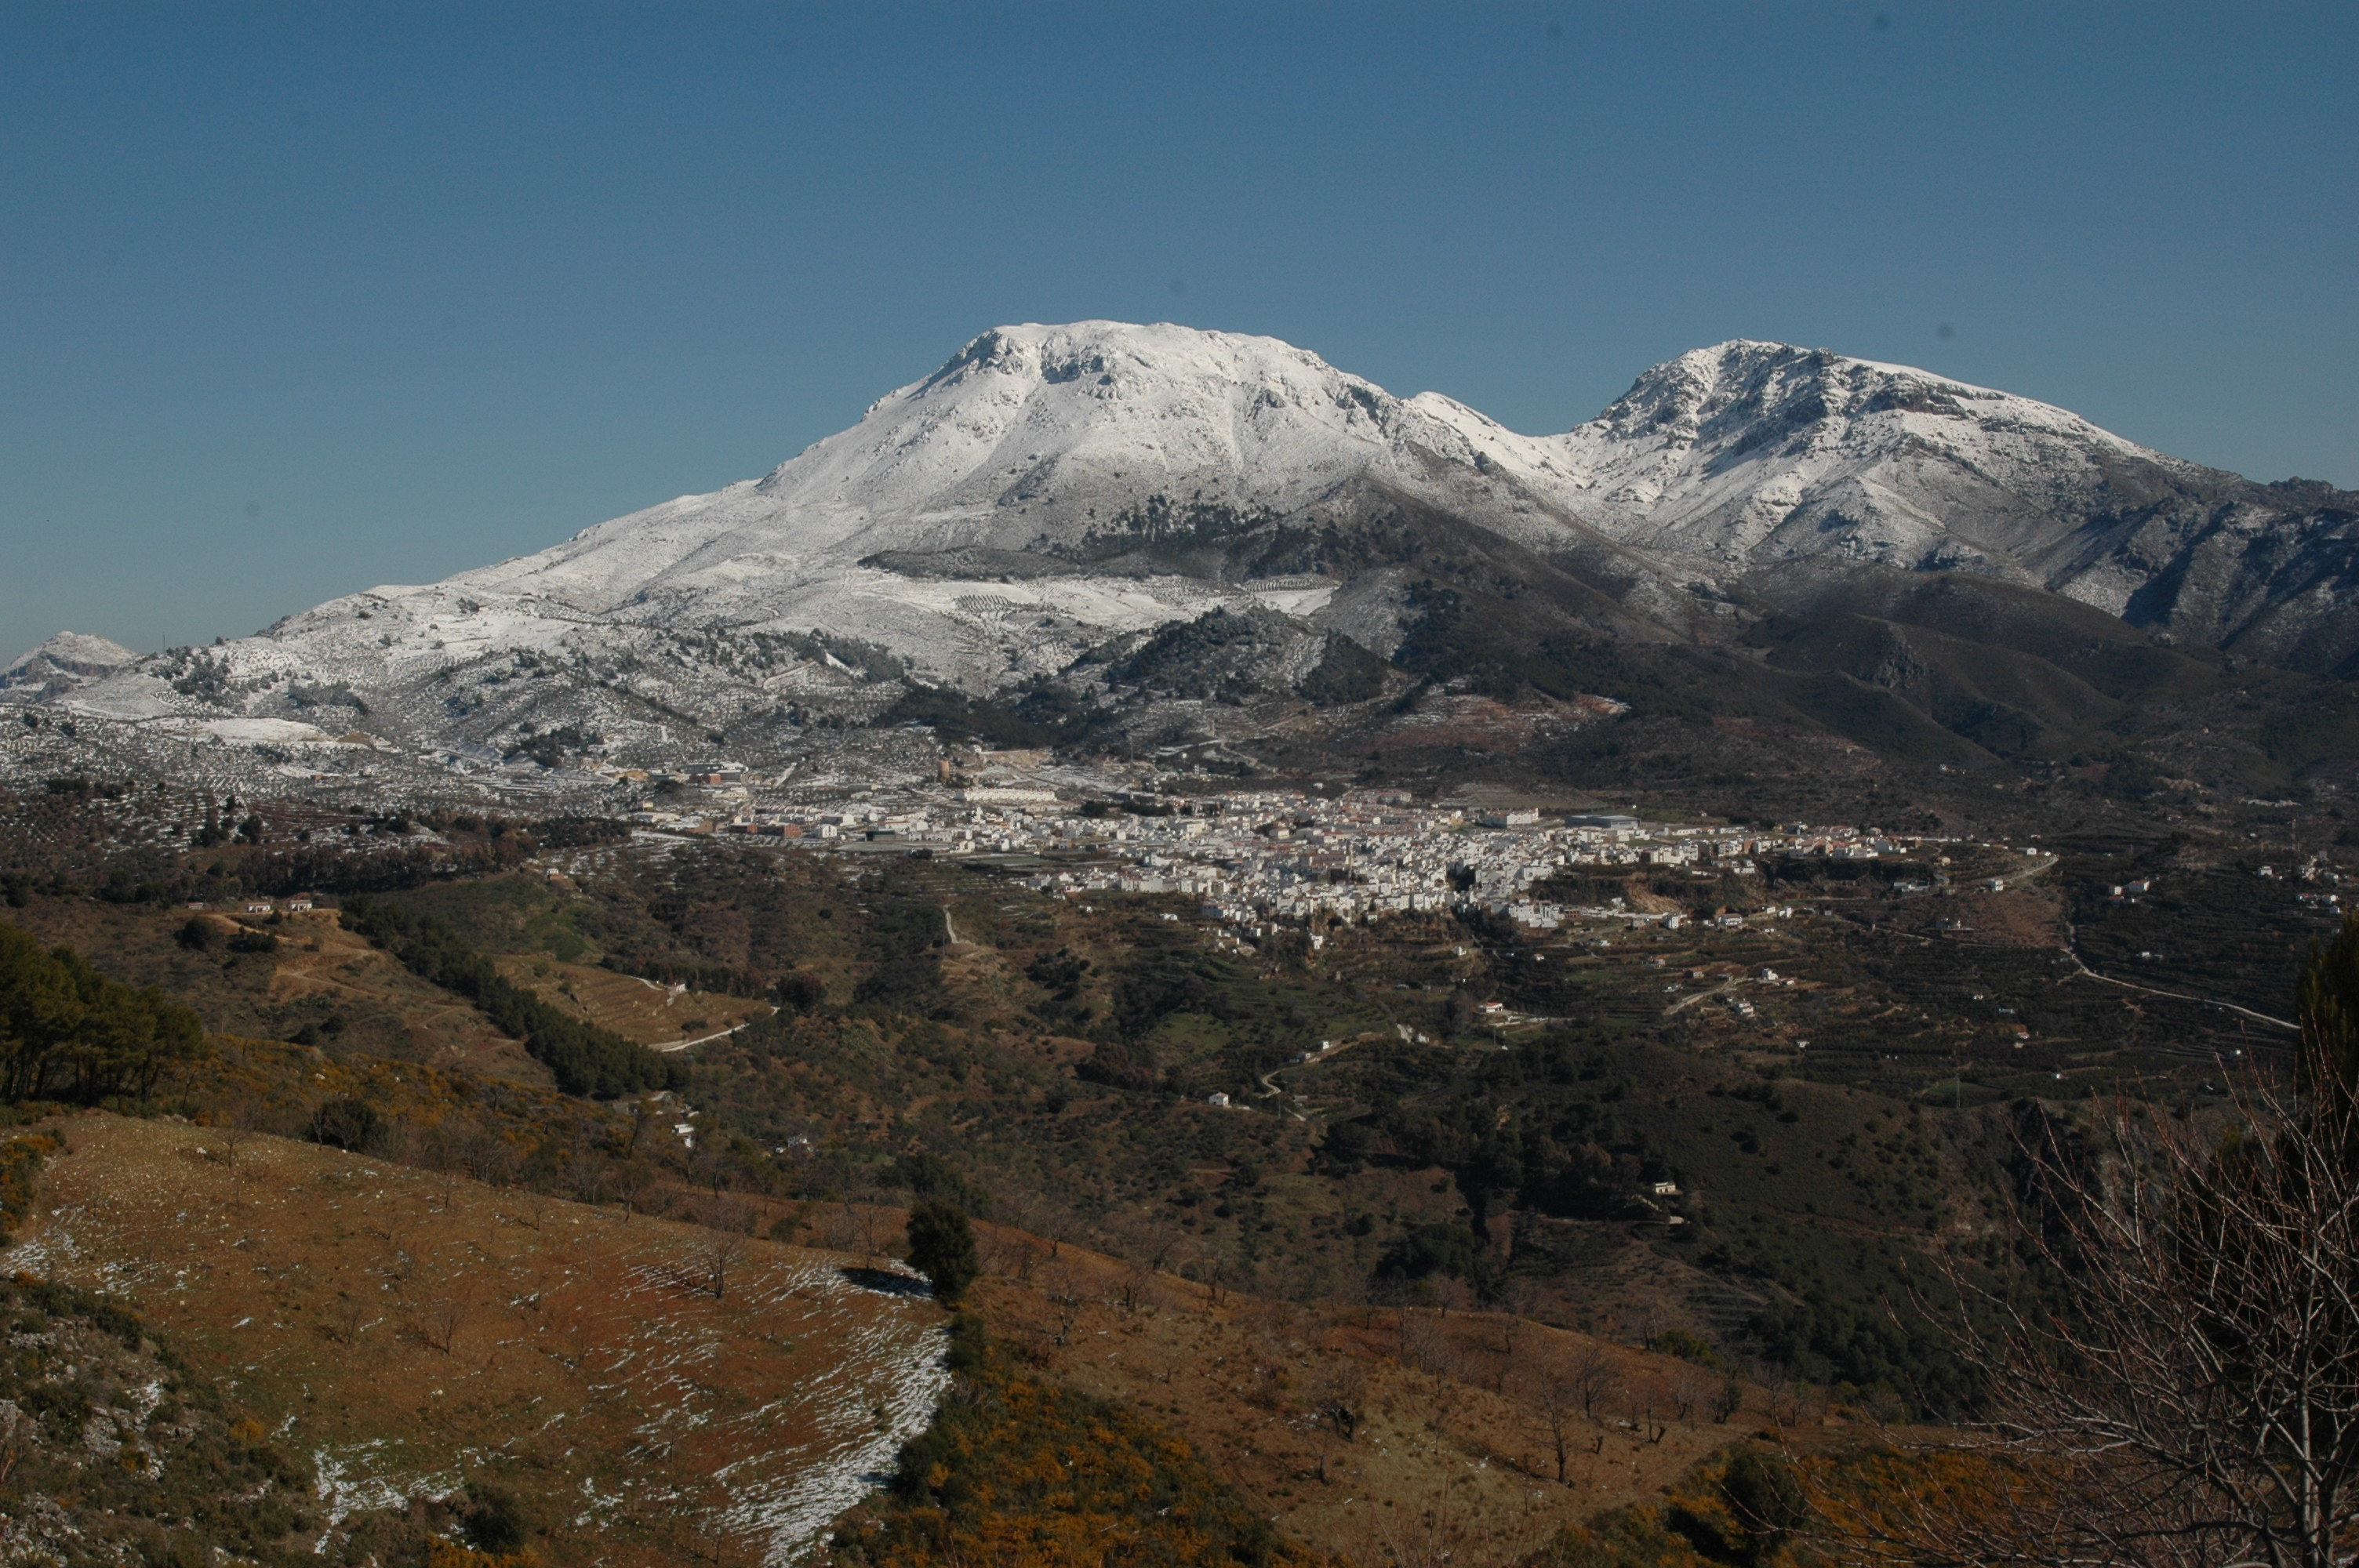 Descripción Sierra de las nievespanoramica.JPG